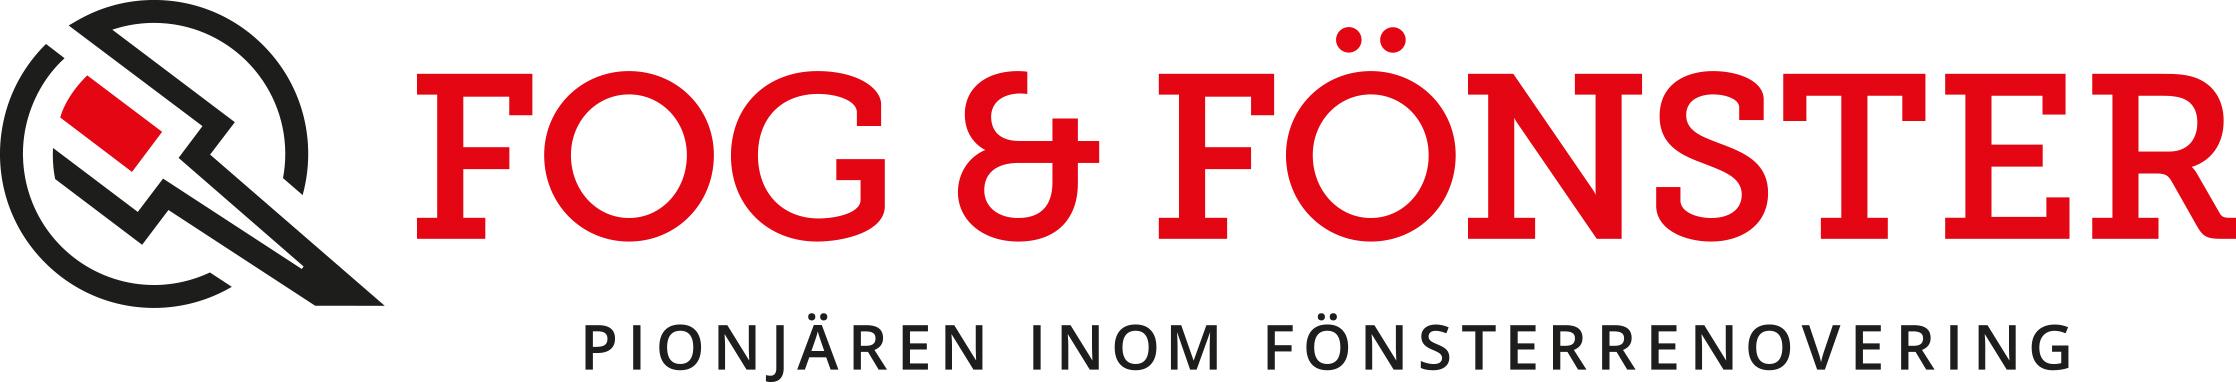 Logotypfogenrgb